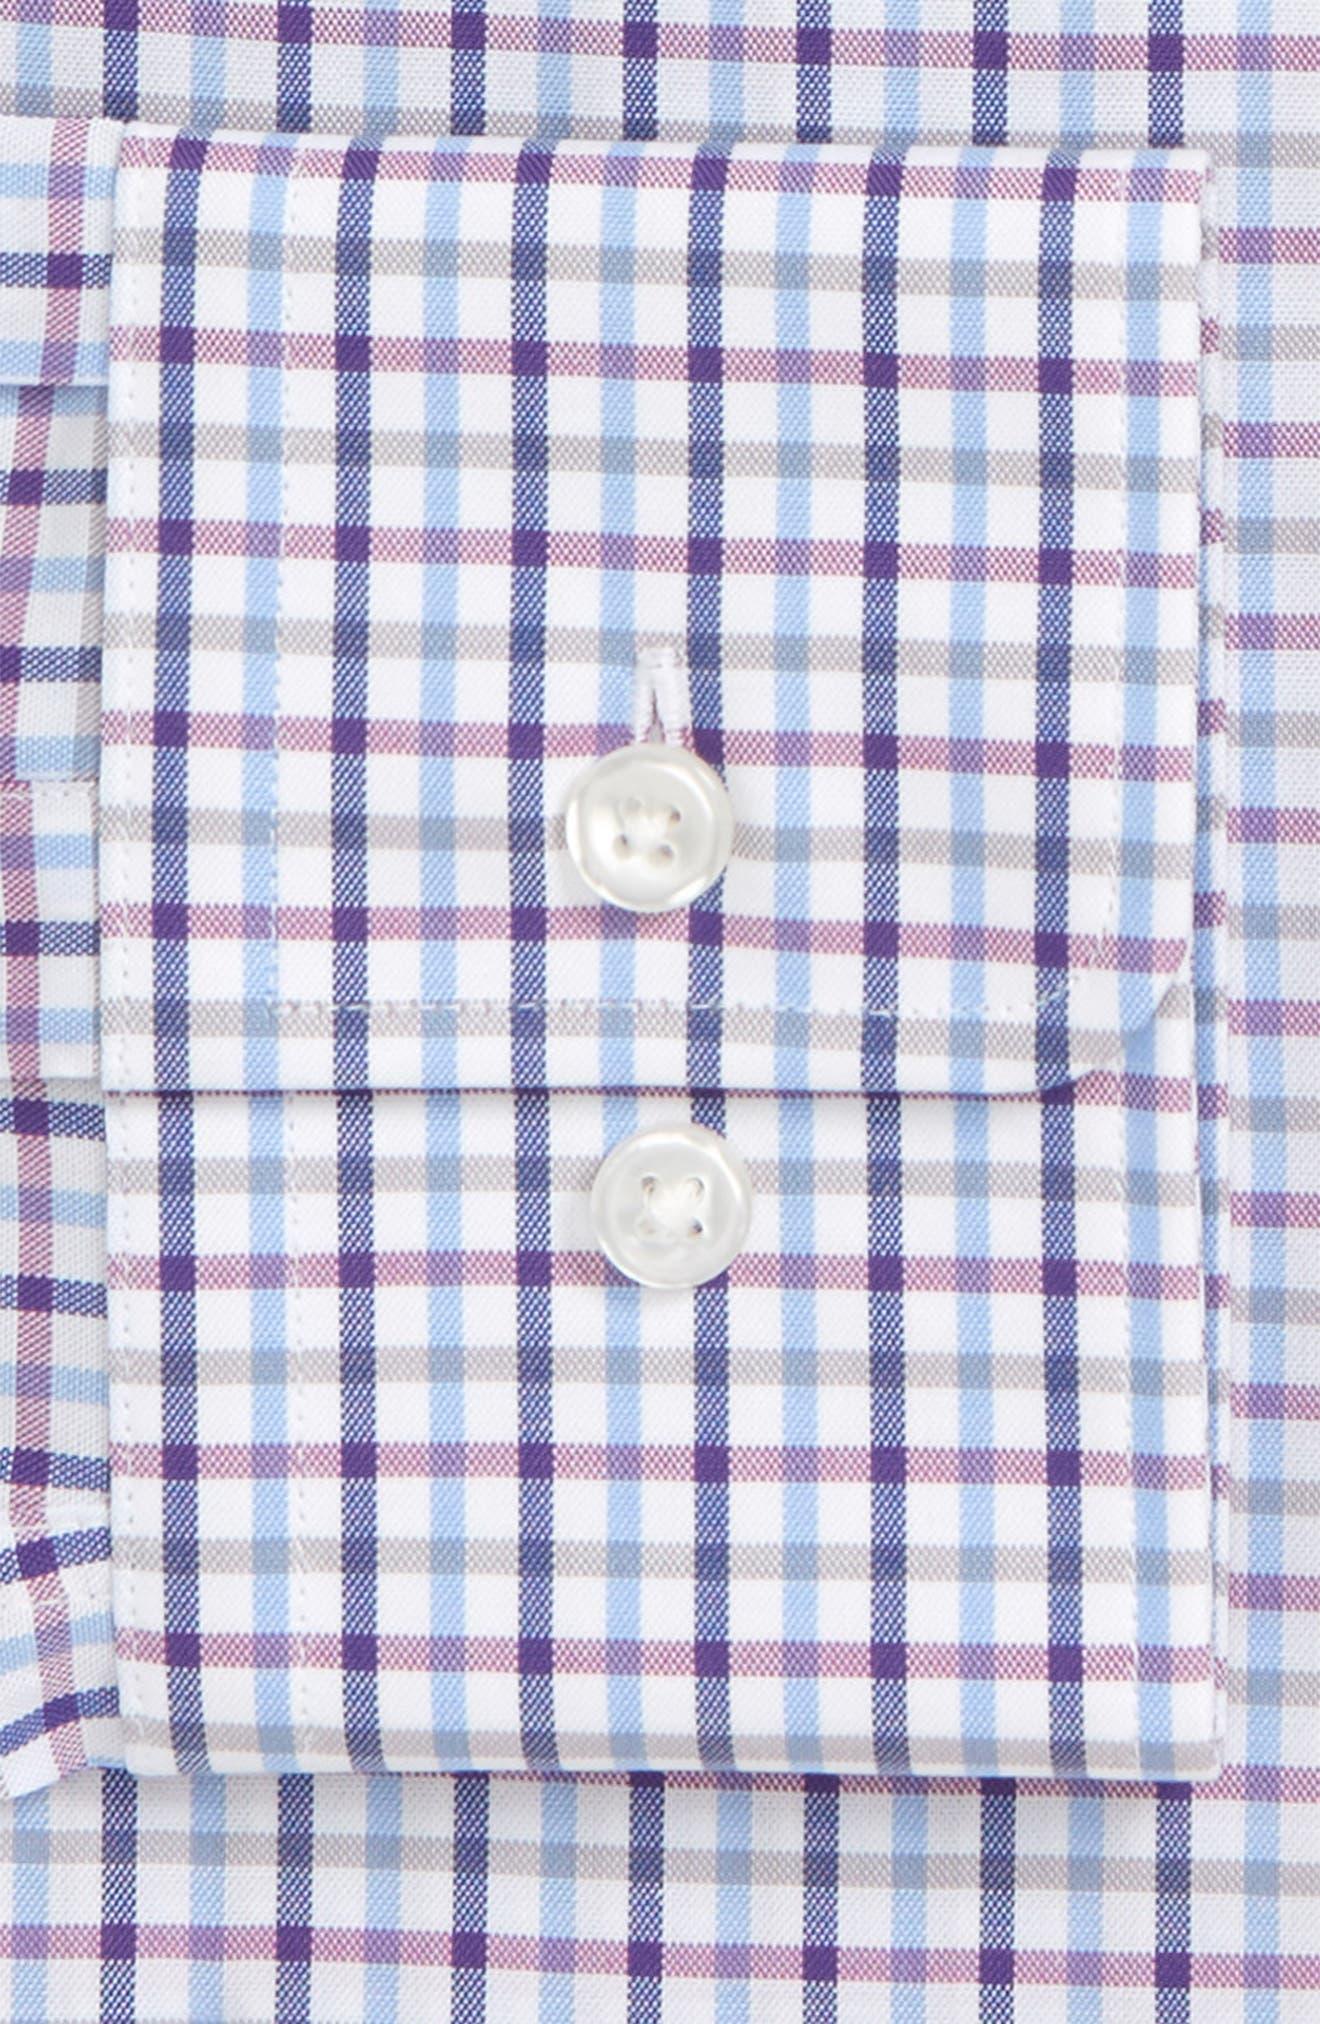 Sharp Fit Mark Check Dress Shirt,                             Alternate thumbnail 6, color,                             PURPLE